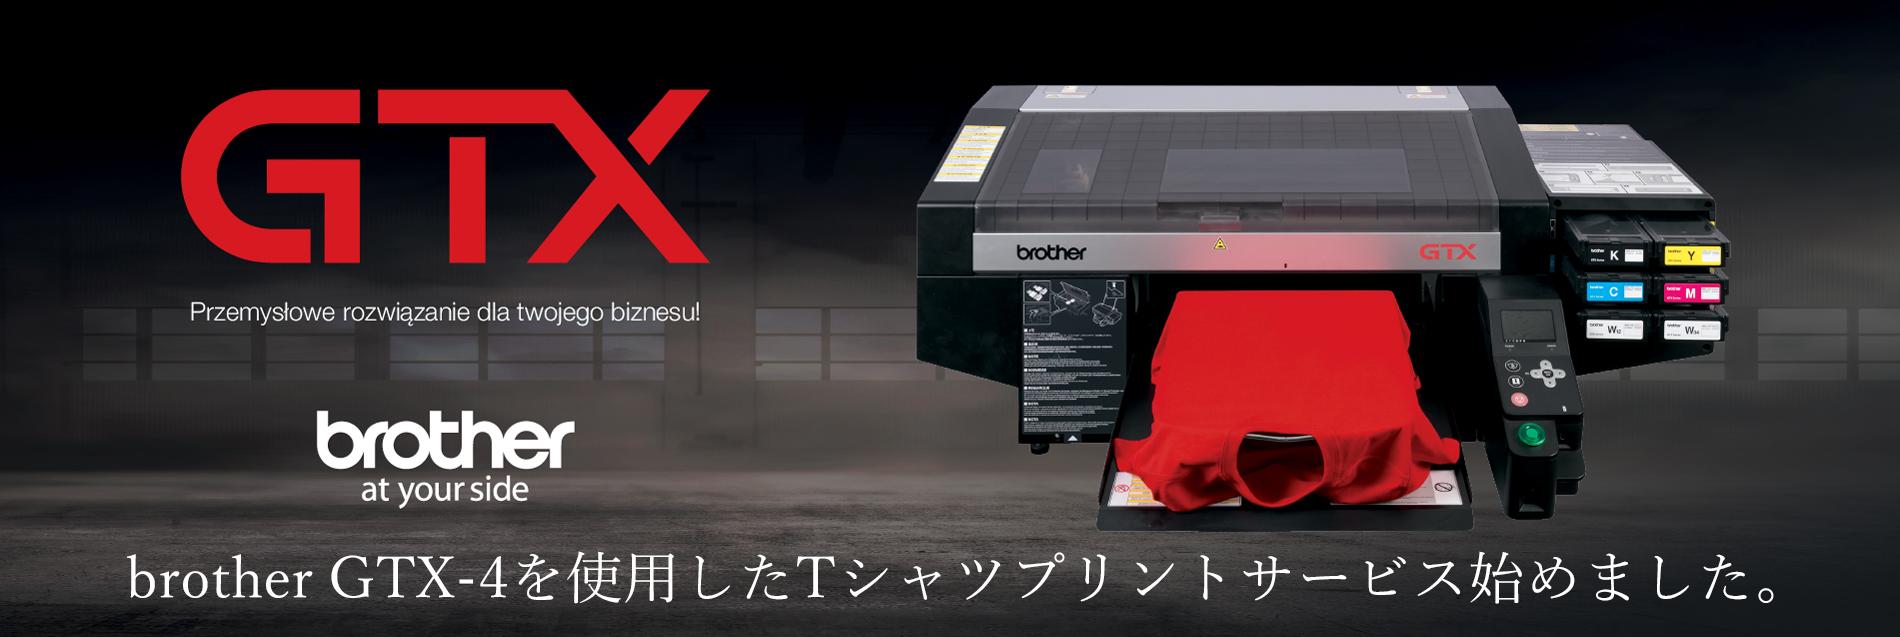 brother GTX-4を使用したTシャツプリントサービス始めました。